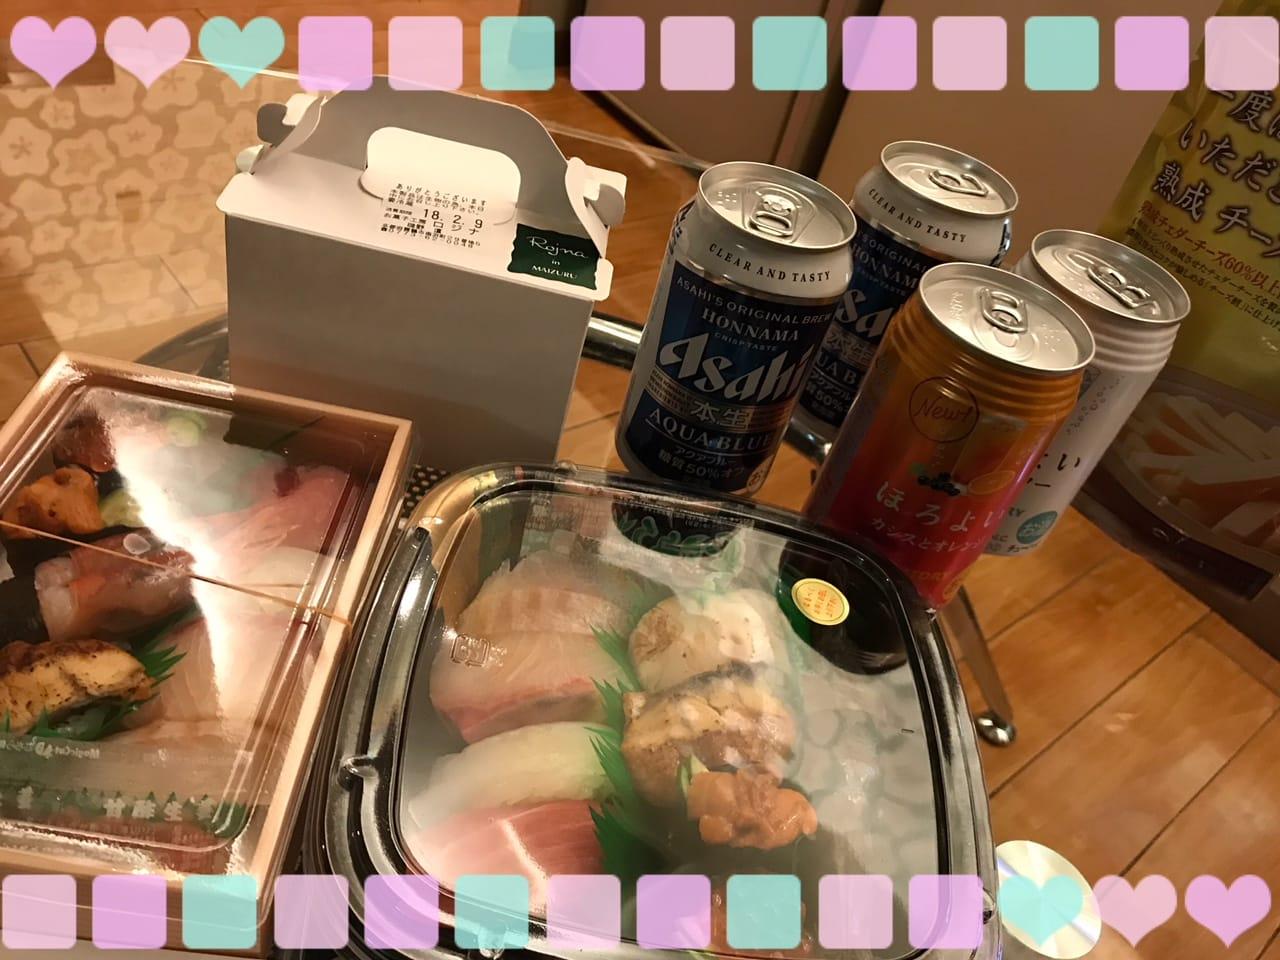 「ありがとう♪♪」02/09(02/09) 23:22 | れいらの写メ・風俗動画